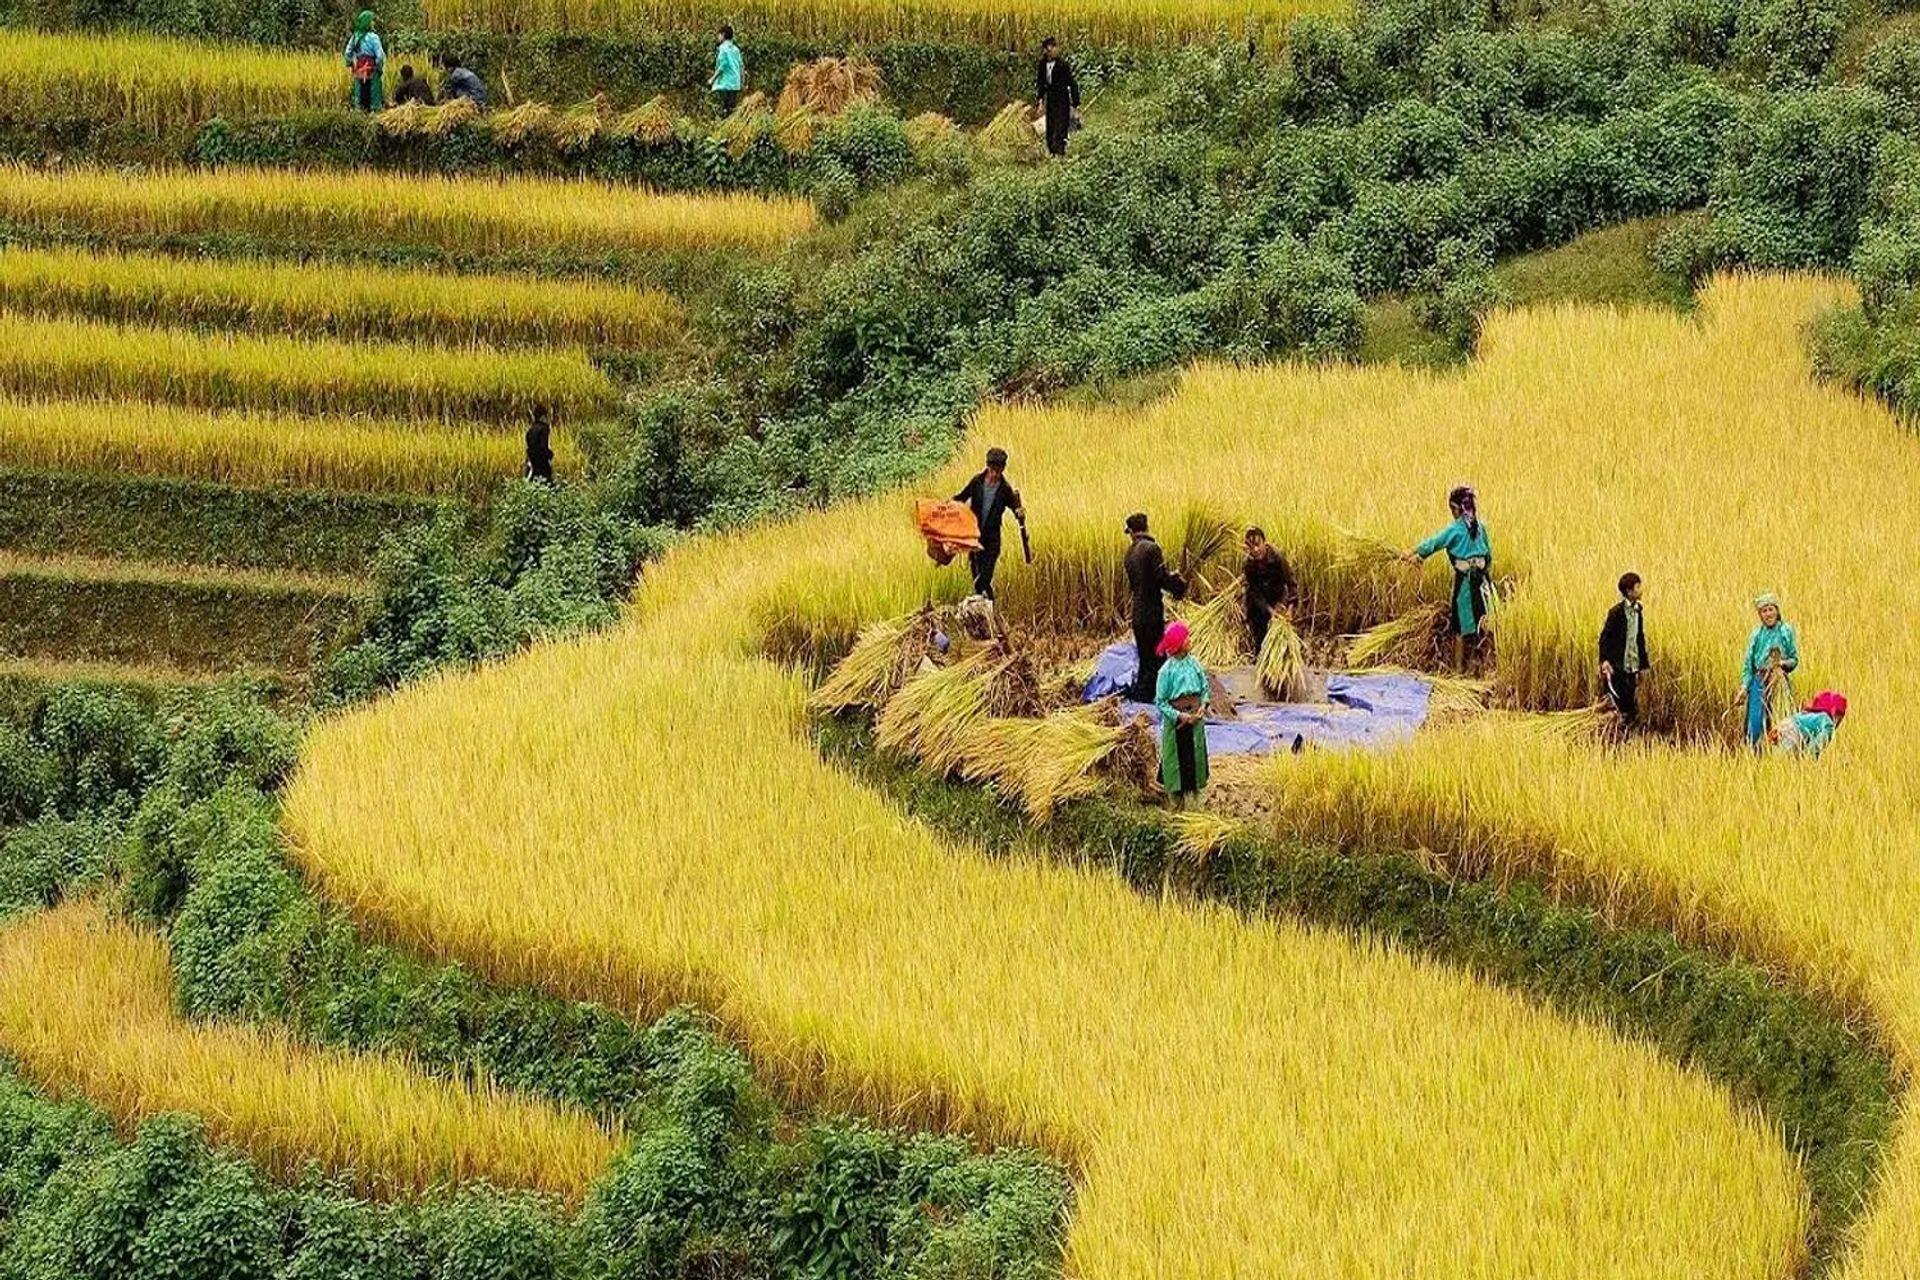 Tháng 8 đến tháng 9 ở Hà Giang